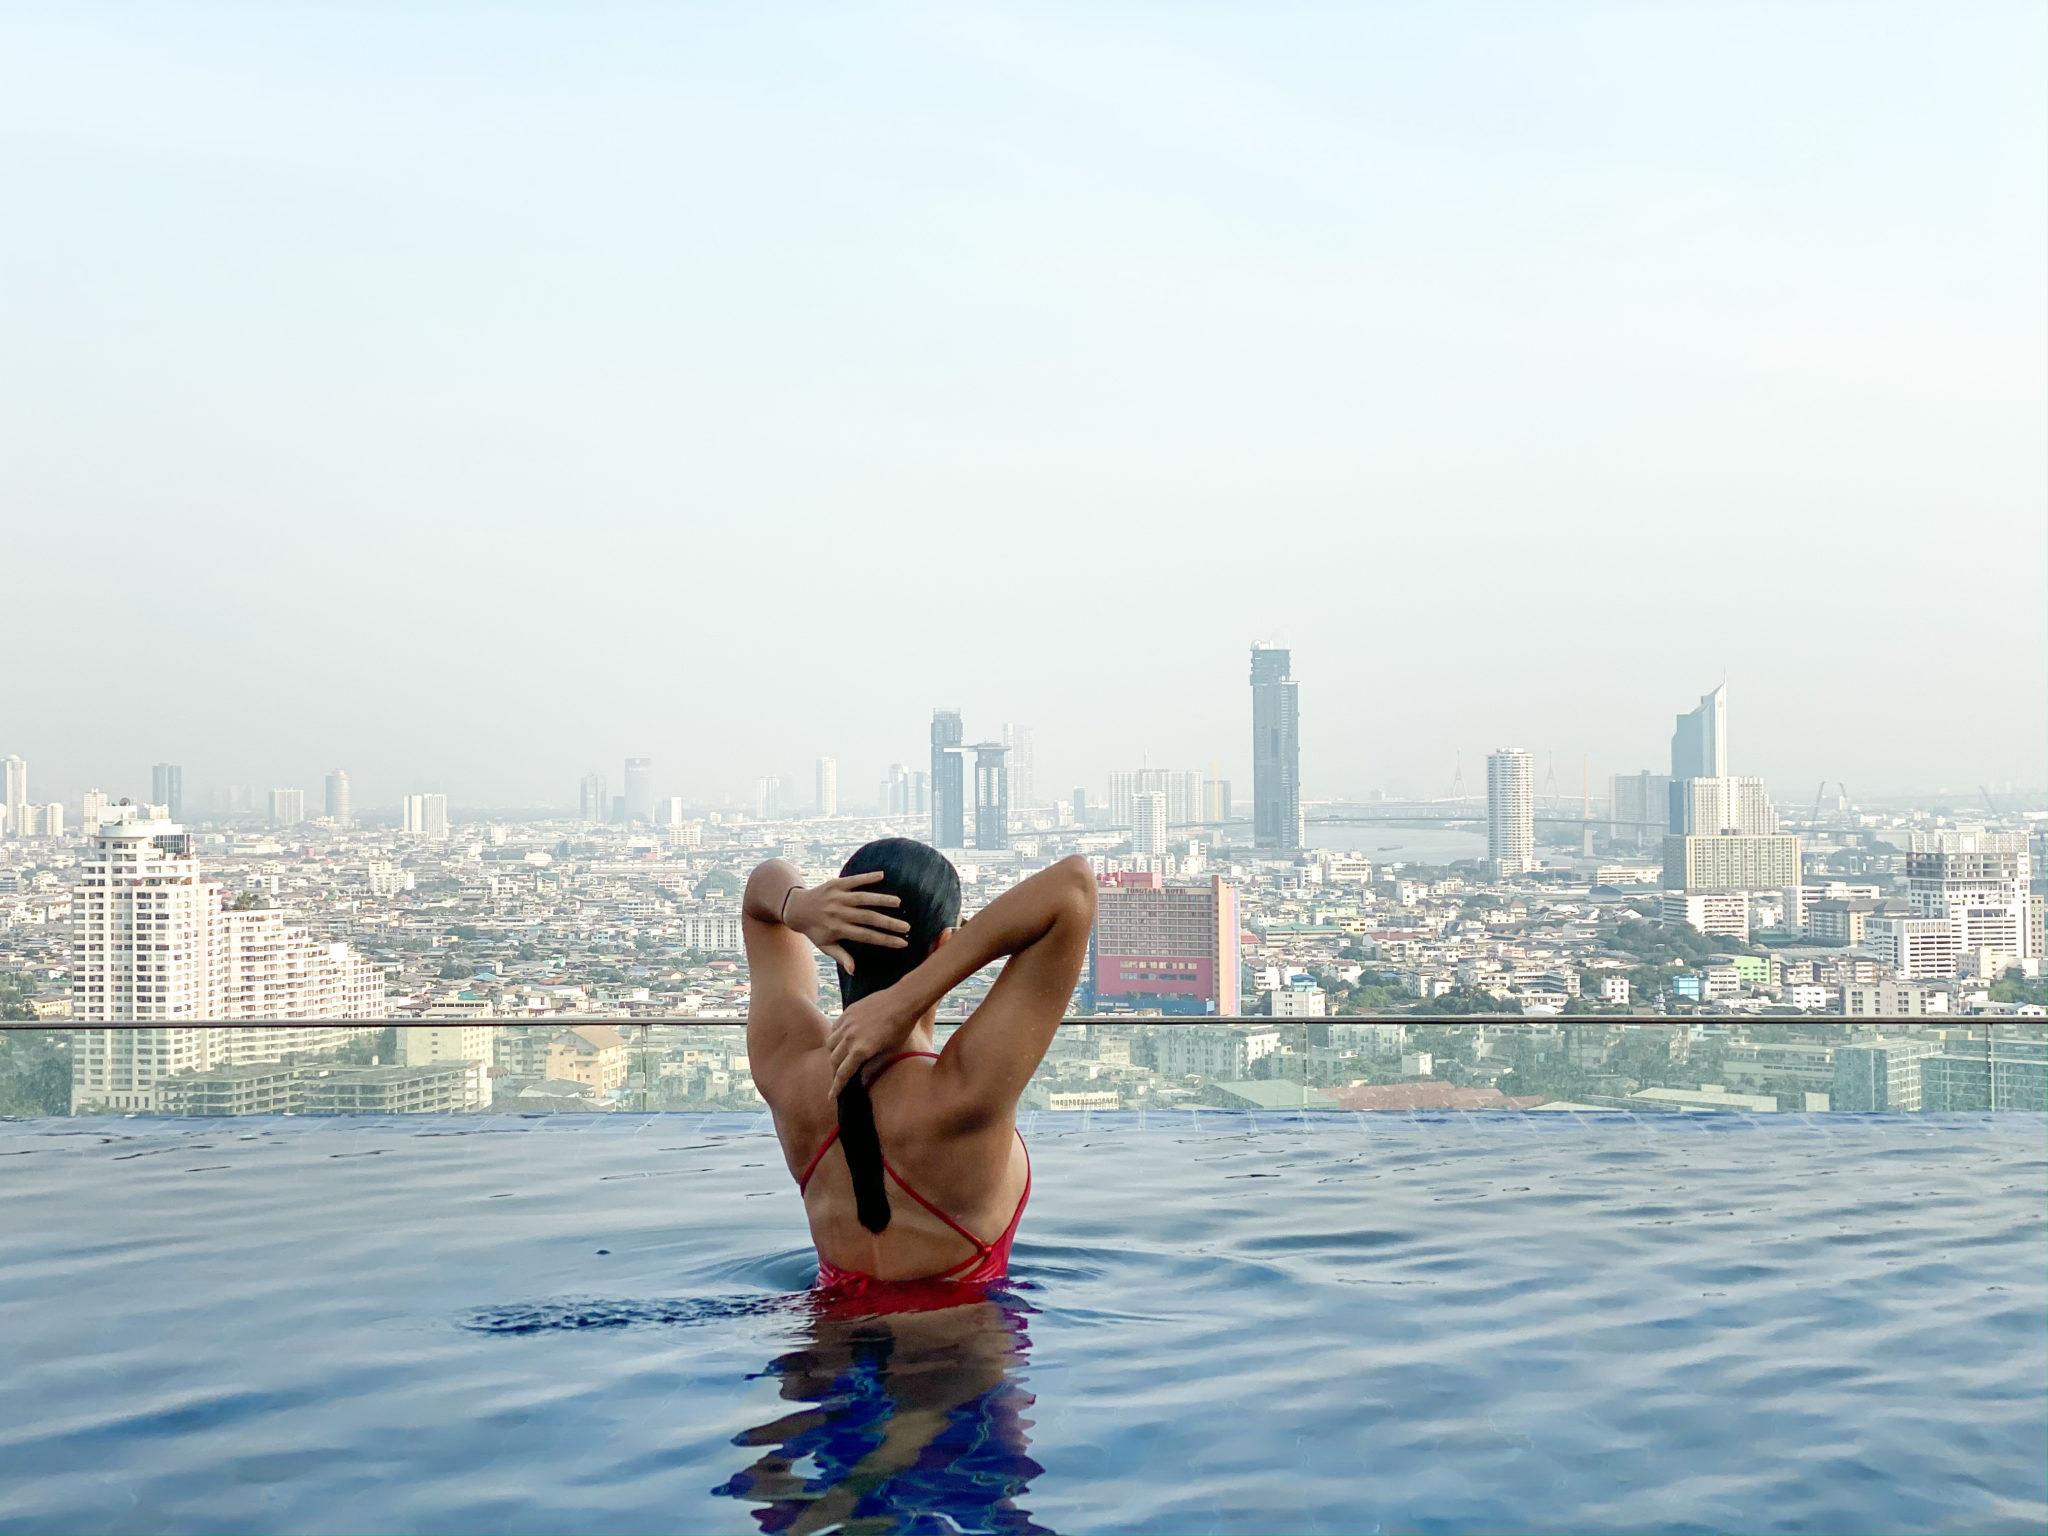 Хотел Avani+ Riverside с инфинити басейн - Забележителности в Банкок, пътеводител Банкок, пътуване до Банкок, Тайланд, какво да правя 3 дни в Банкок, съвети от блогър Михаела от quite a looker